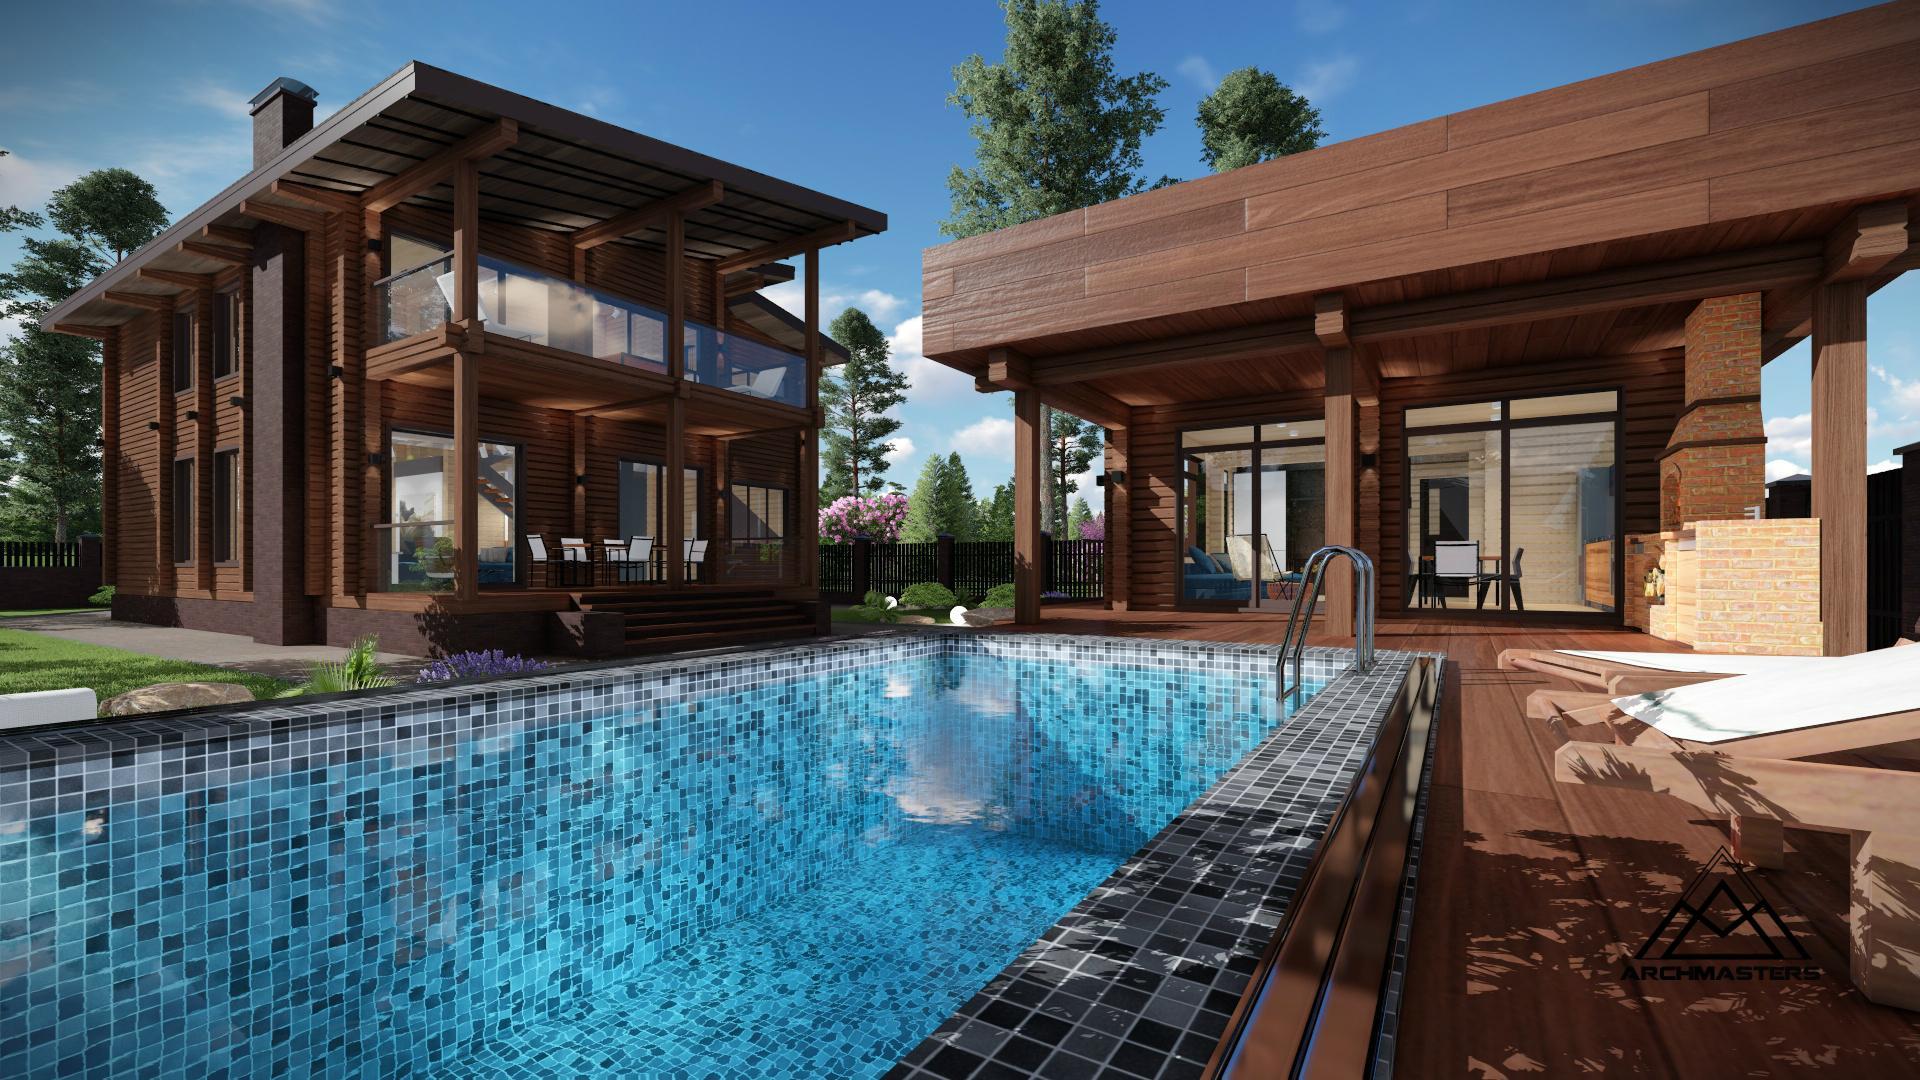 Проект одноэтажного дома с мансардой из профилированного бруса. Проект бани с бассейном и барбекю